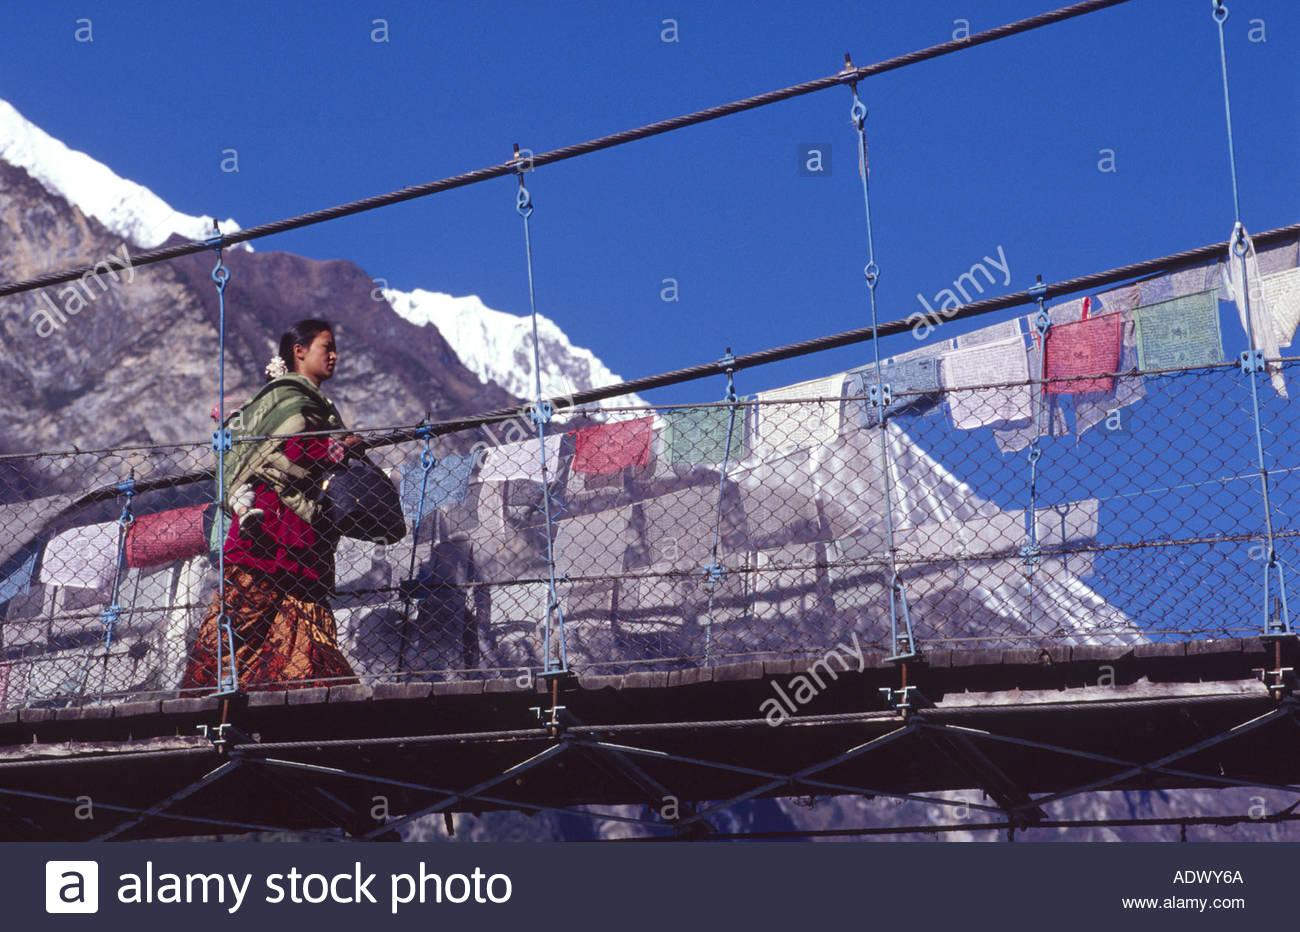 Donna attraversando un ponte di sospensione, regione di Annapurna, Nepal Immagini Stock